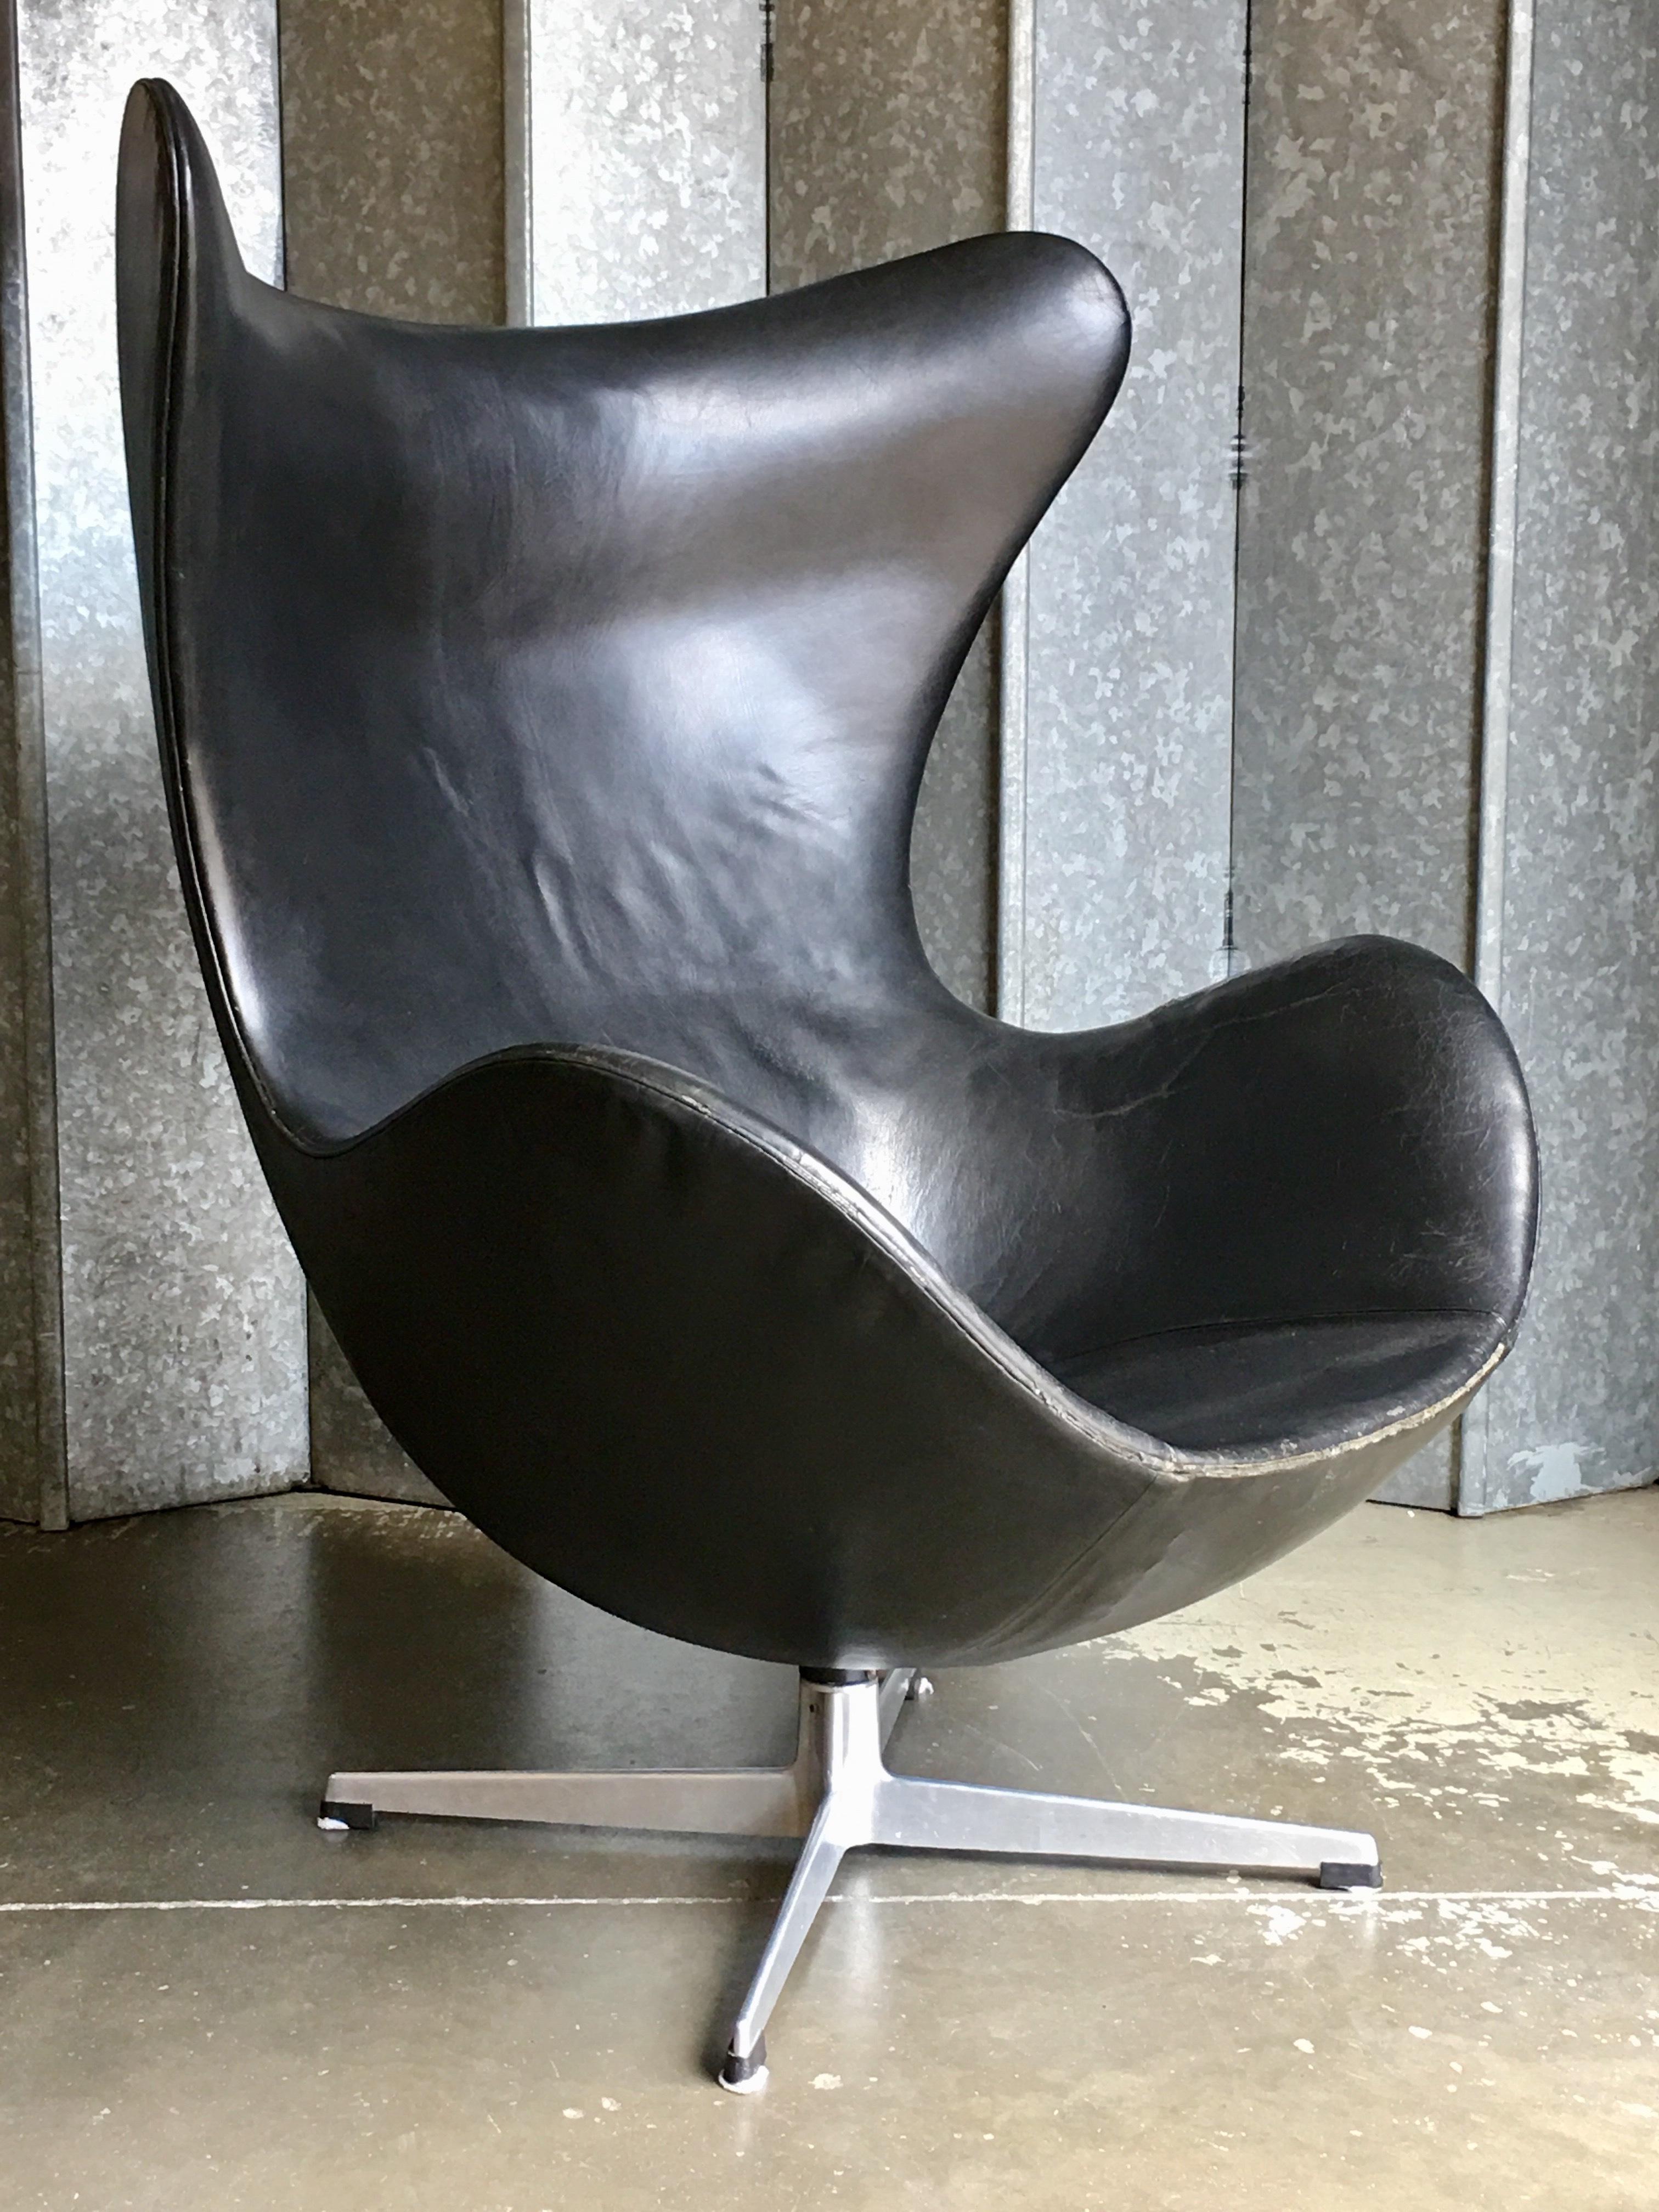 Original Vintage Arne Jacobsen Egg Chair In Black Leather Vinterior